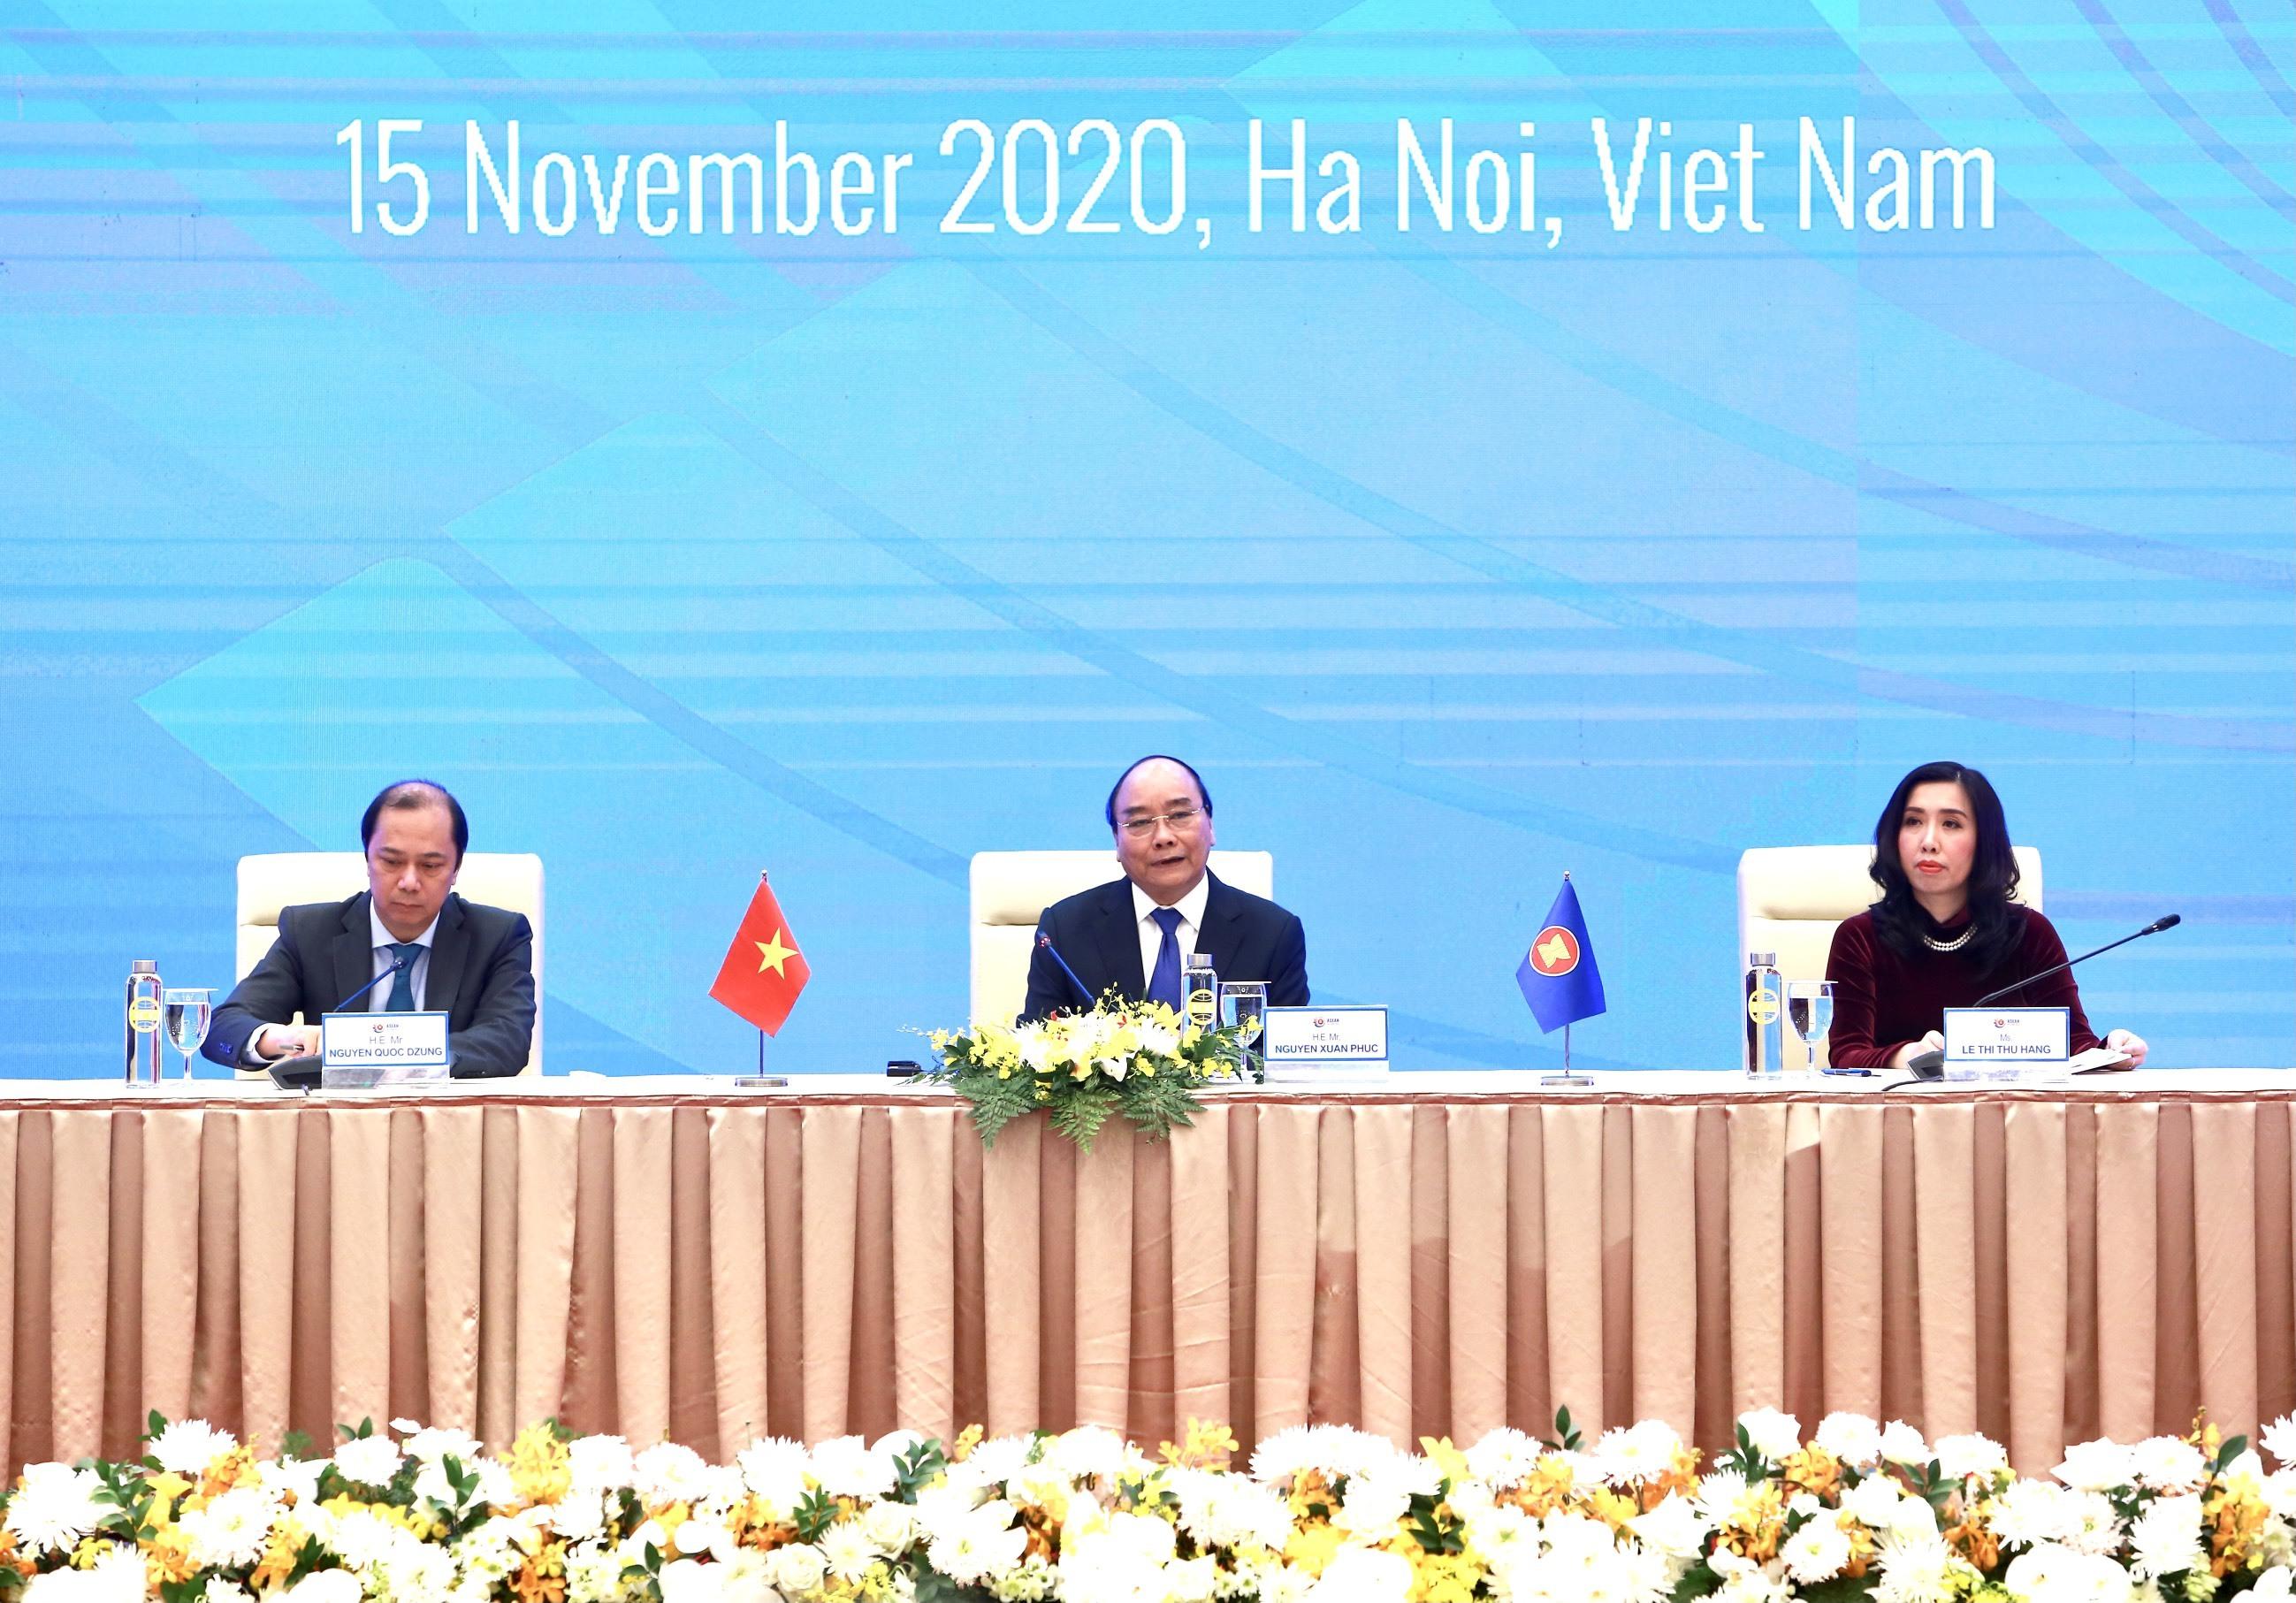 Thủ tướng Nguyễn Xuân Phúc trả lời về cạnh tranh giữa các nước lớn